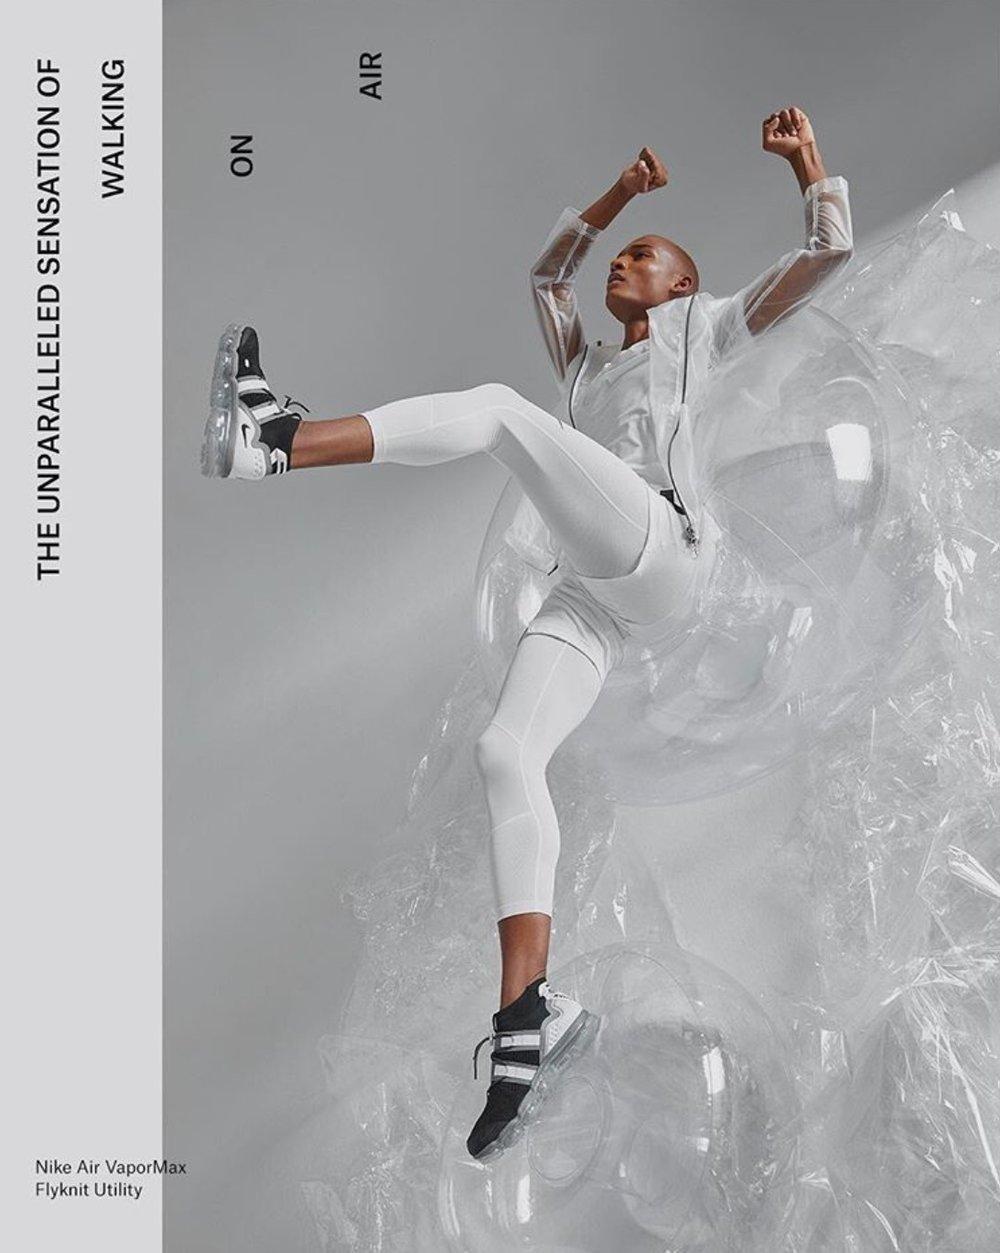 Nike large file.jpg